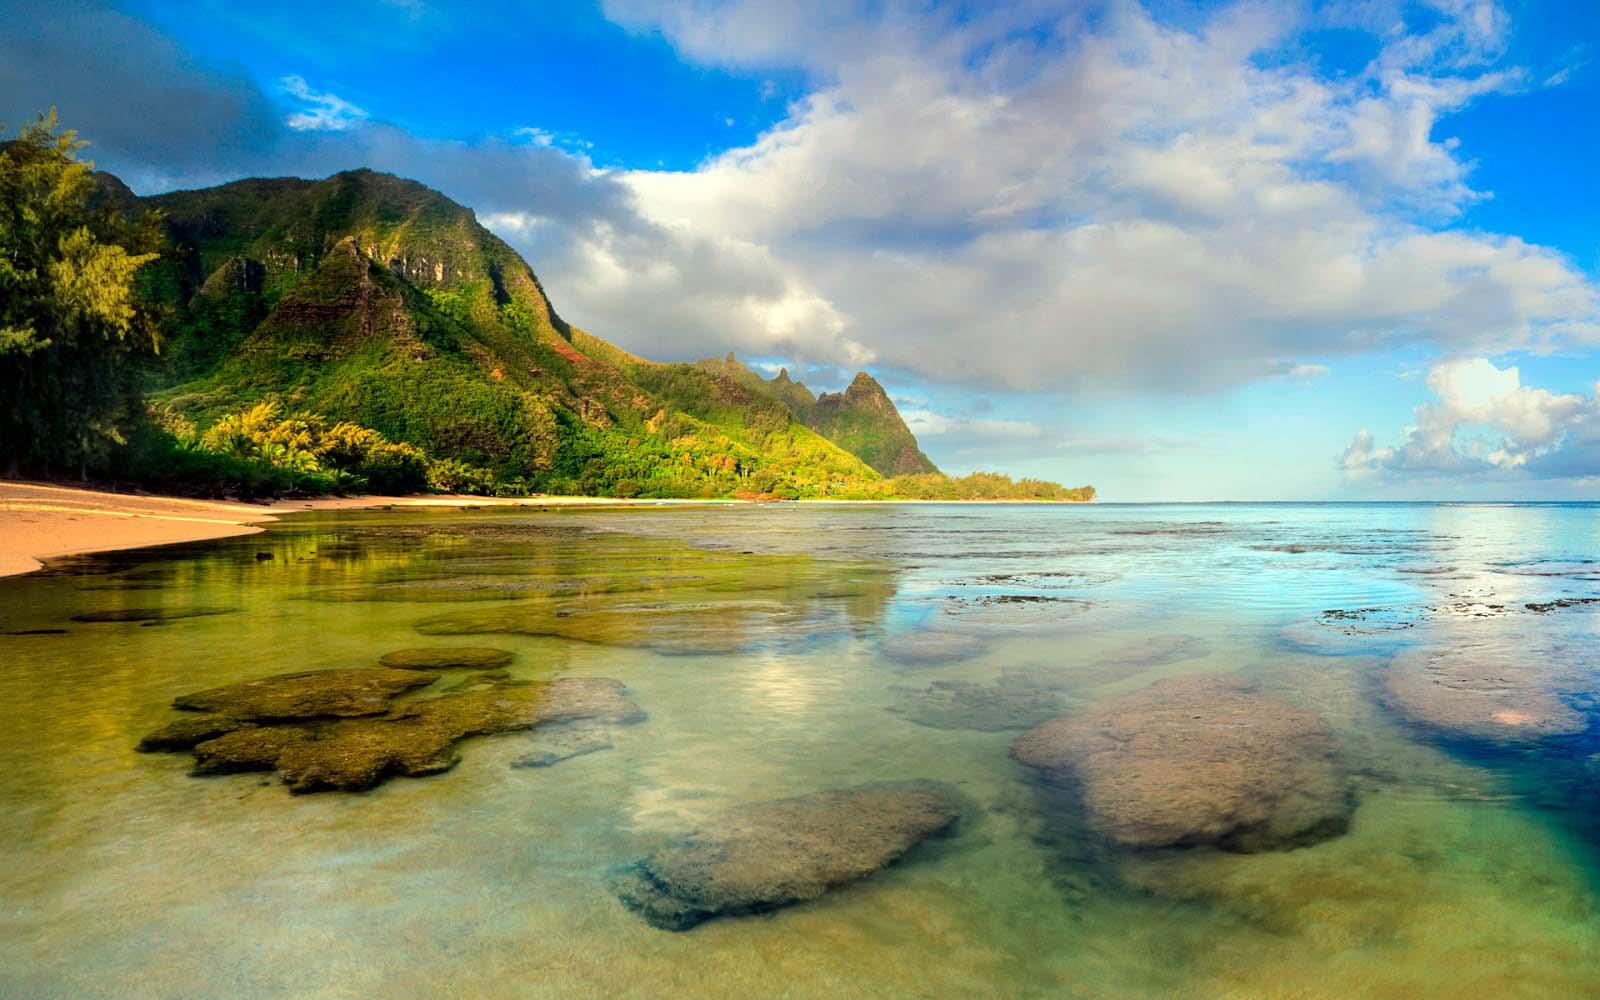 Top những hình ảnh về biển đẹp nhất dễ thương nhất